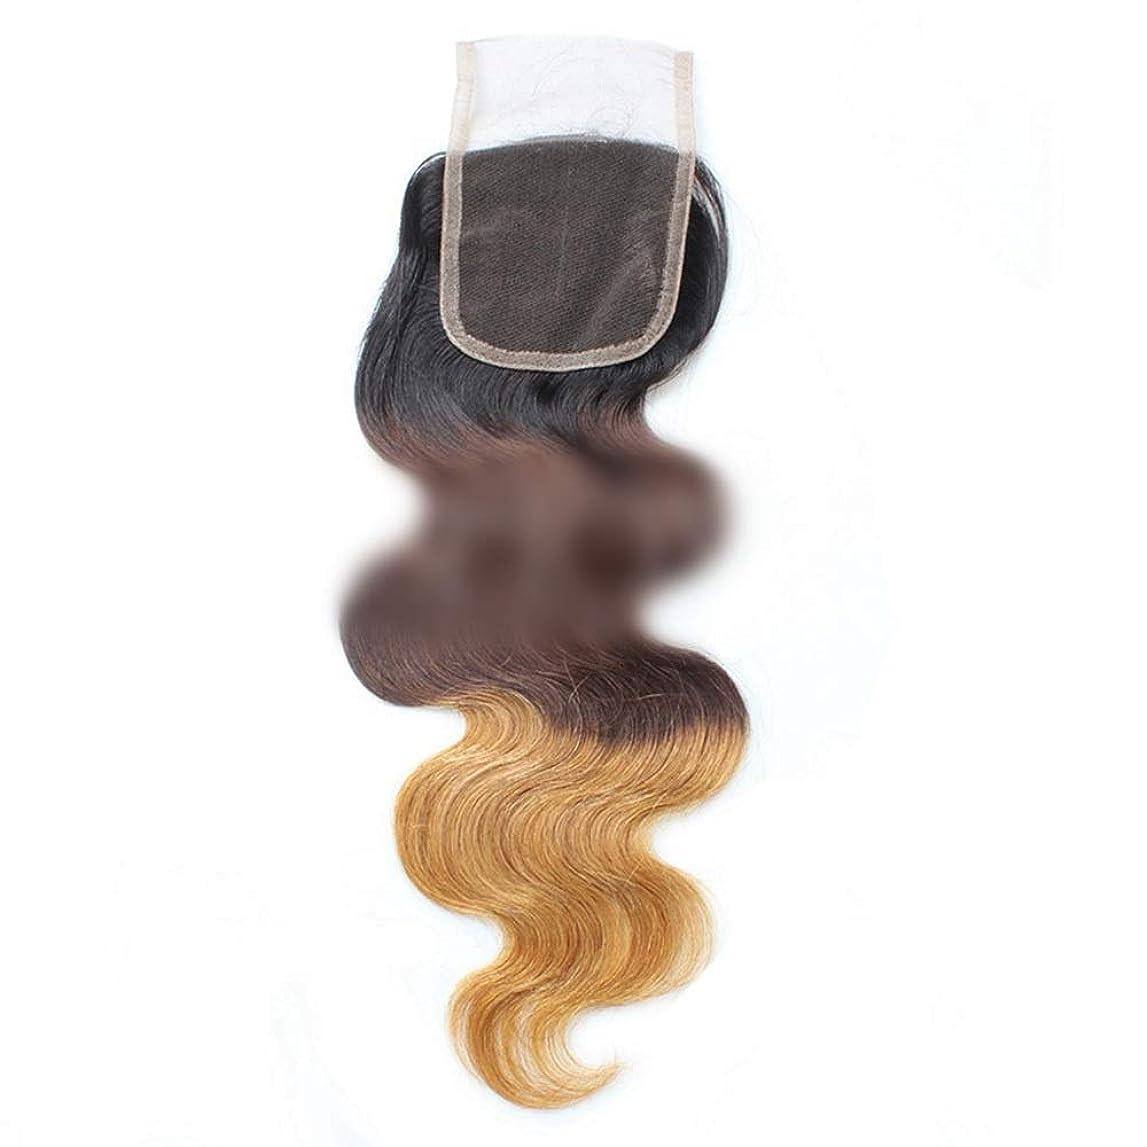 パーチナシティ姿勢許されるYrattary 実体波4×4レース前頭閉鎖人間の髪の毛黒から茶色への3トーンカラー無料パートヘアコンポジットヘアレースかつらロールプレイングかつらロングとショート女性自然 (色 : ブラウン, サイズ : 14 inch)